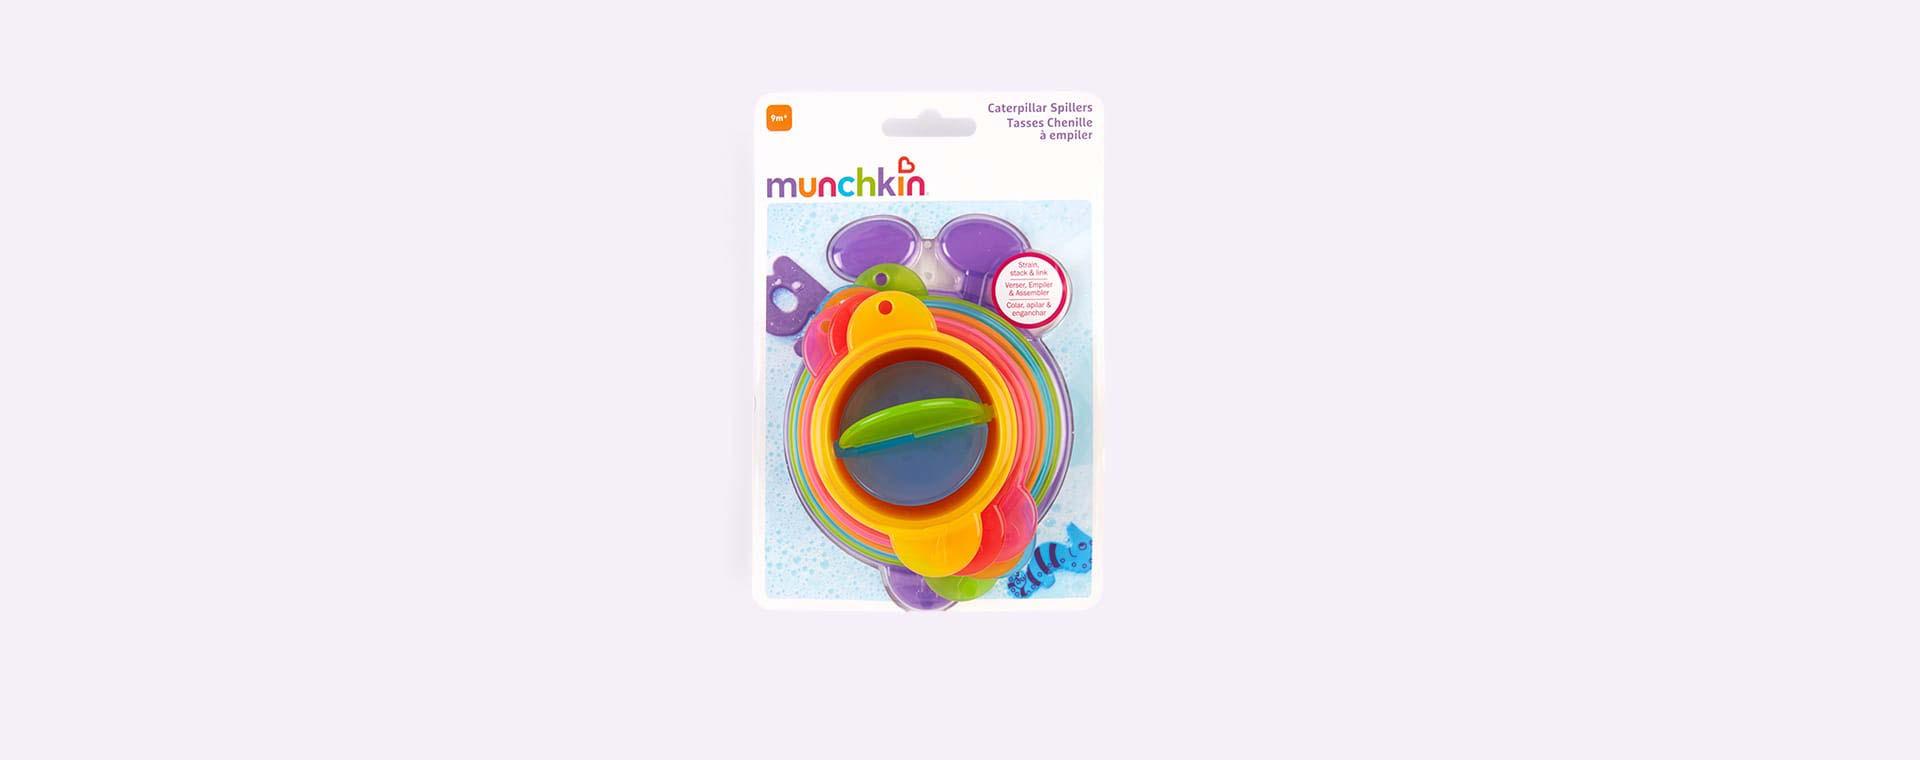 Purple Munchkin Caterpillar Spillers - 7 Pack